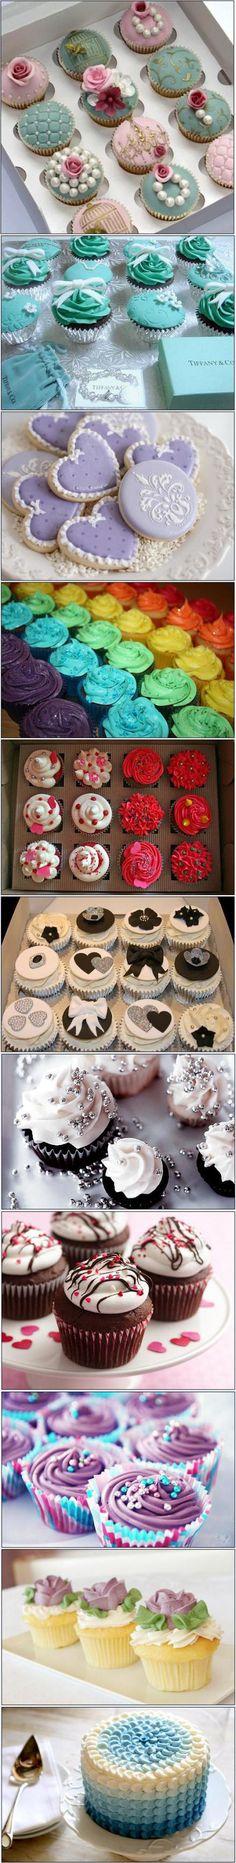 cake cookies, cupcak mix, amaz cupcak, food, decorating ideas, decorated cookies, cup cake, cake for 21st, cupcake cakes